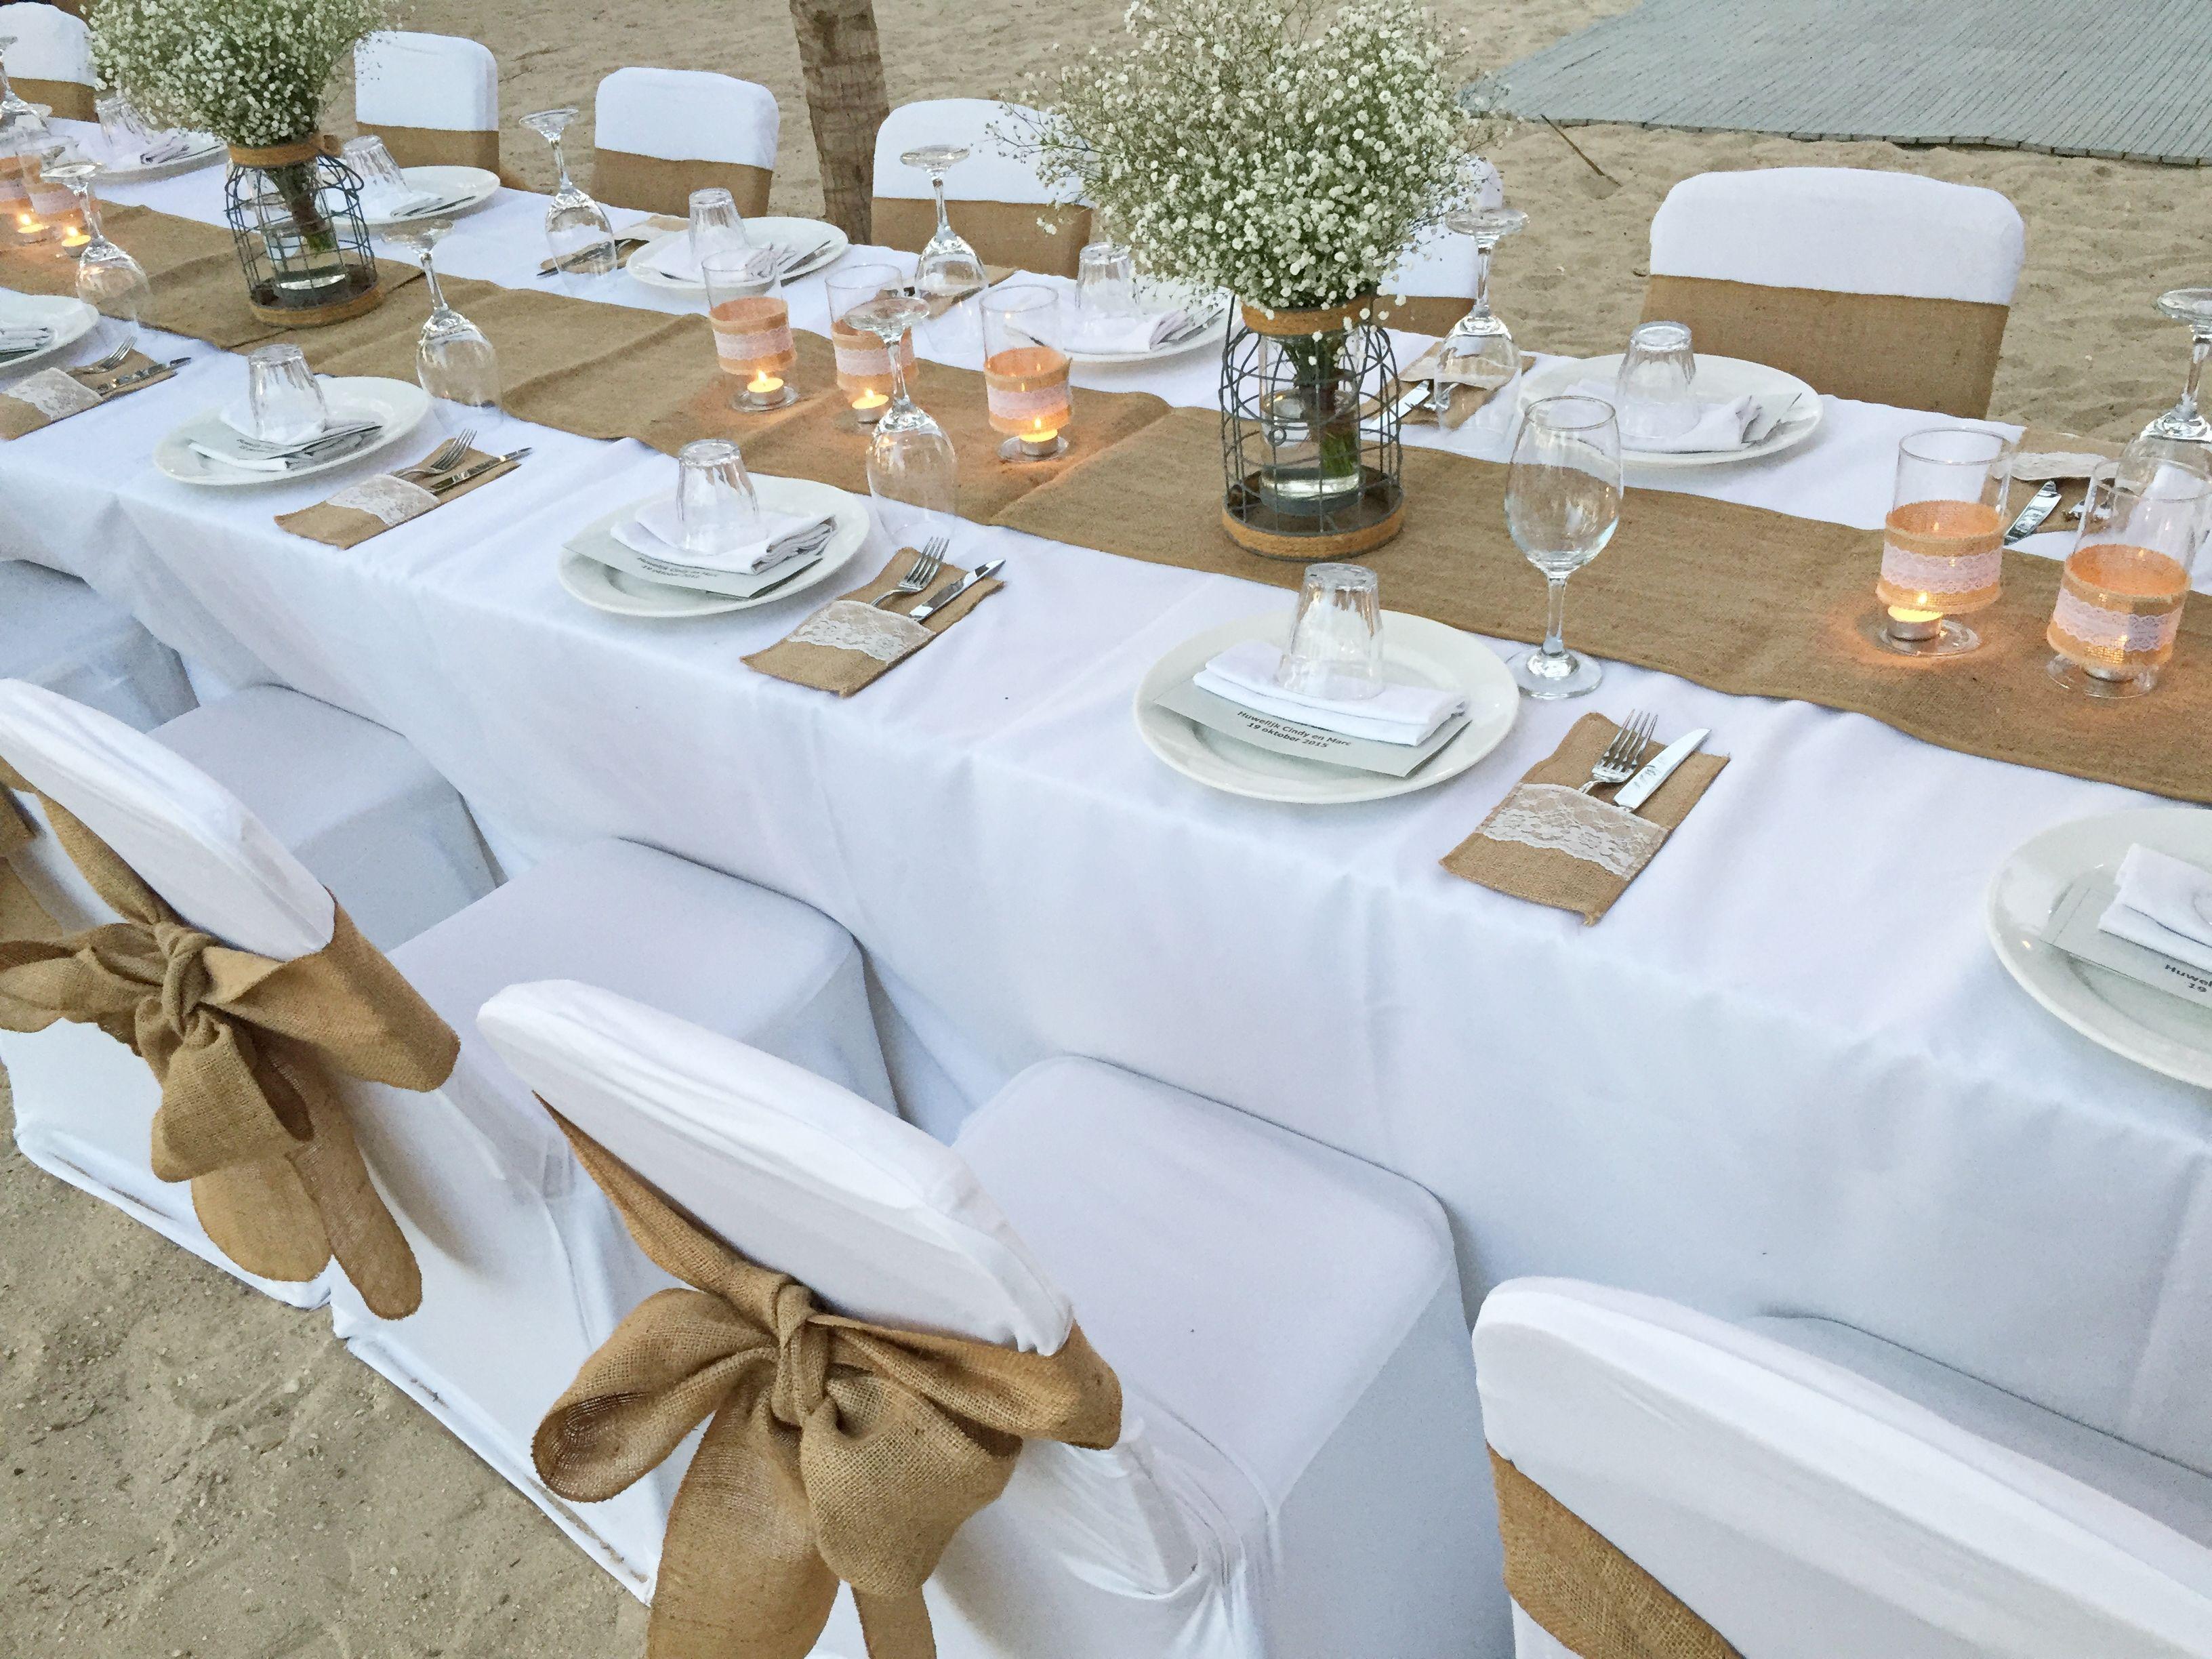 Tafel decoratie mogelijkheden bruiloft curacao bankasa weddings pinterest bruiloft - Decoratie tafel basse ...